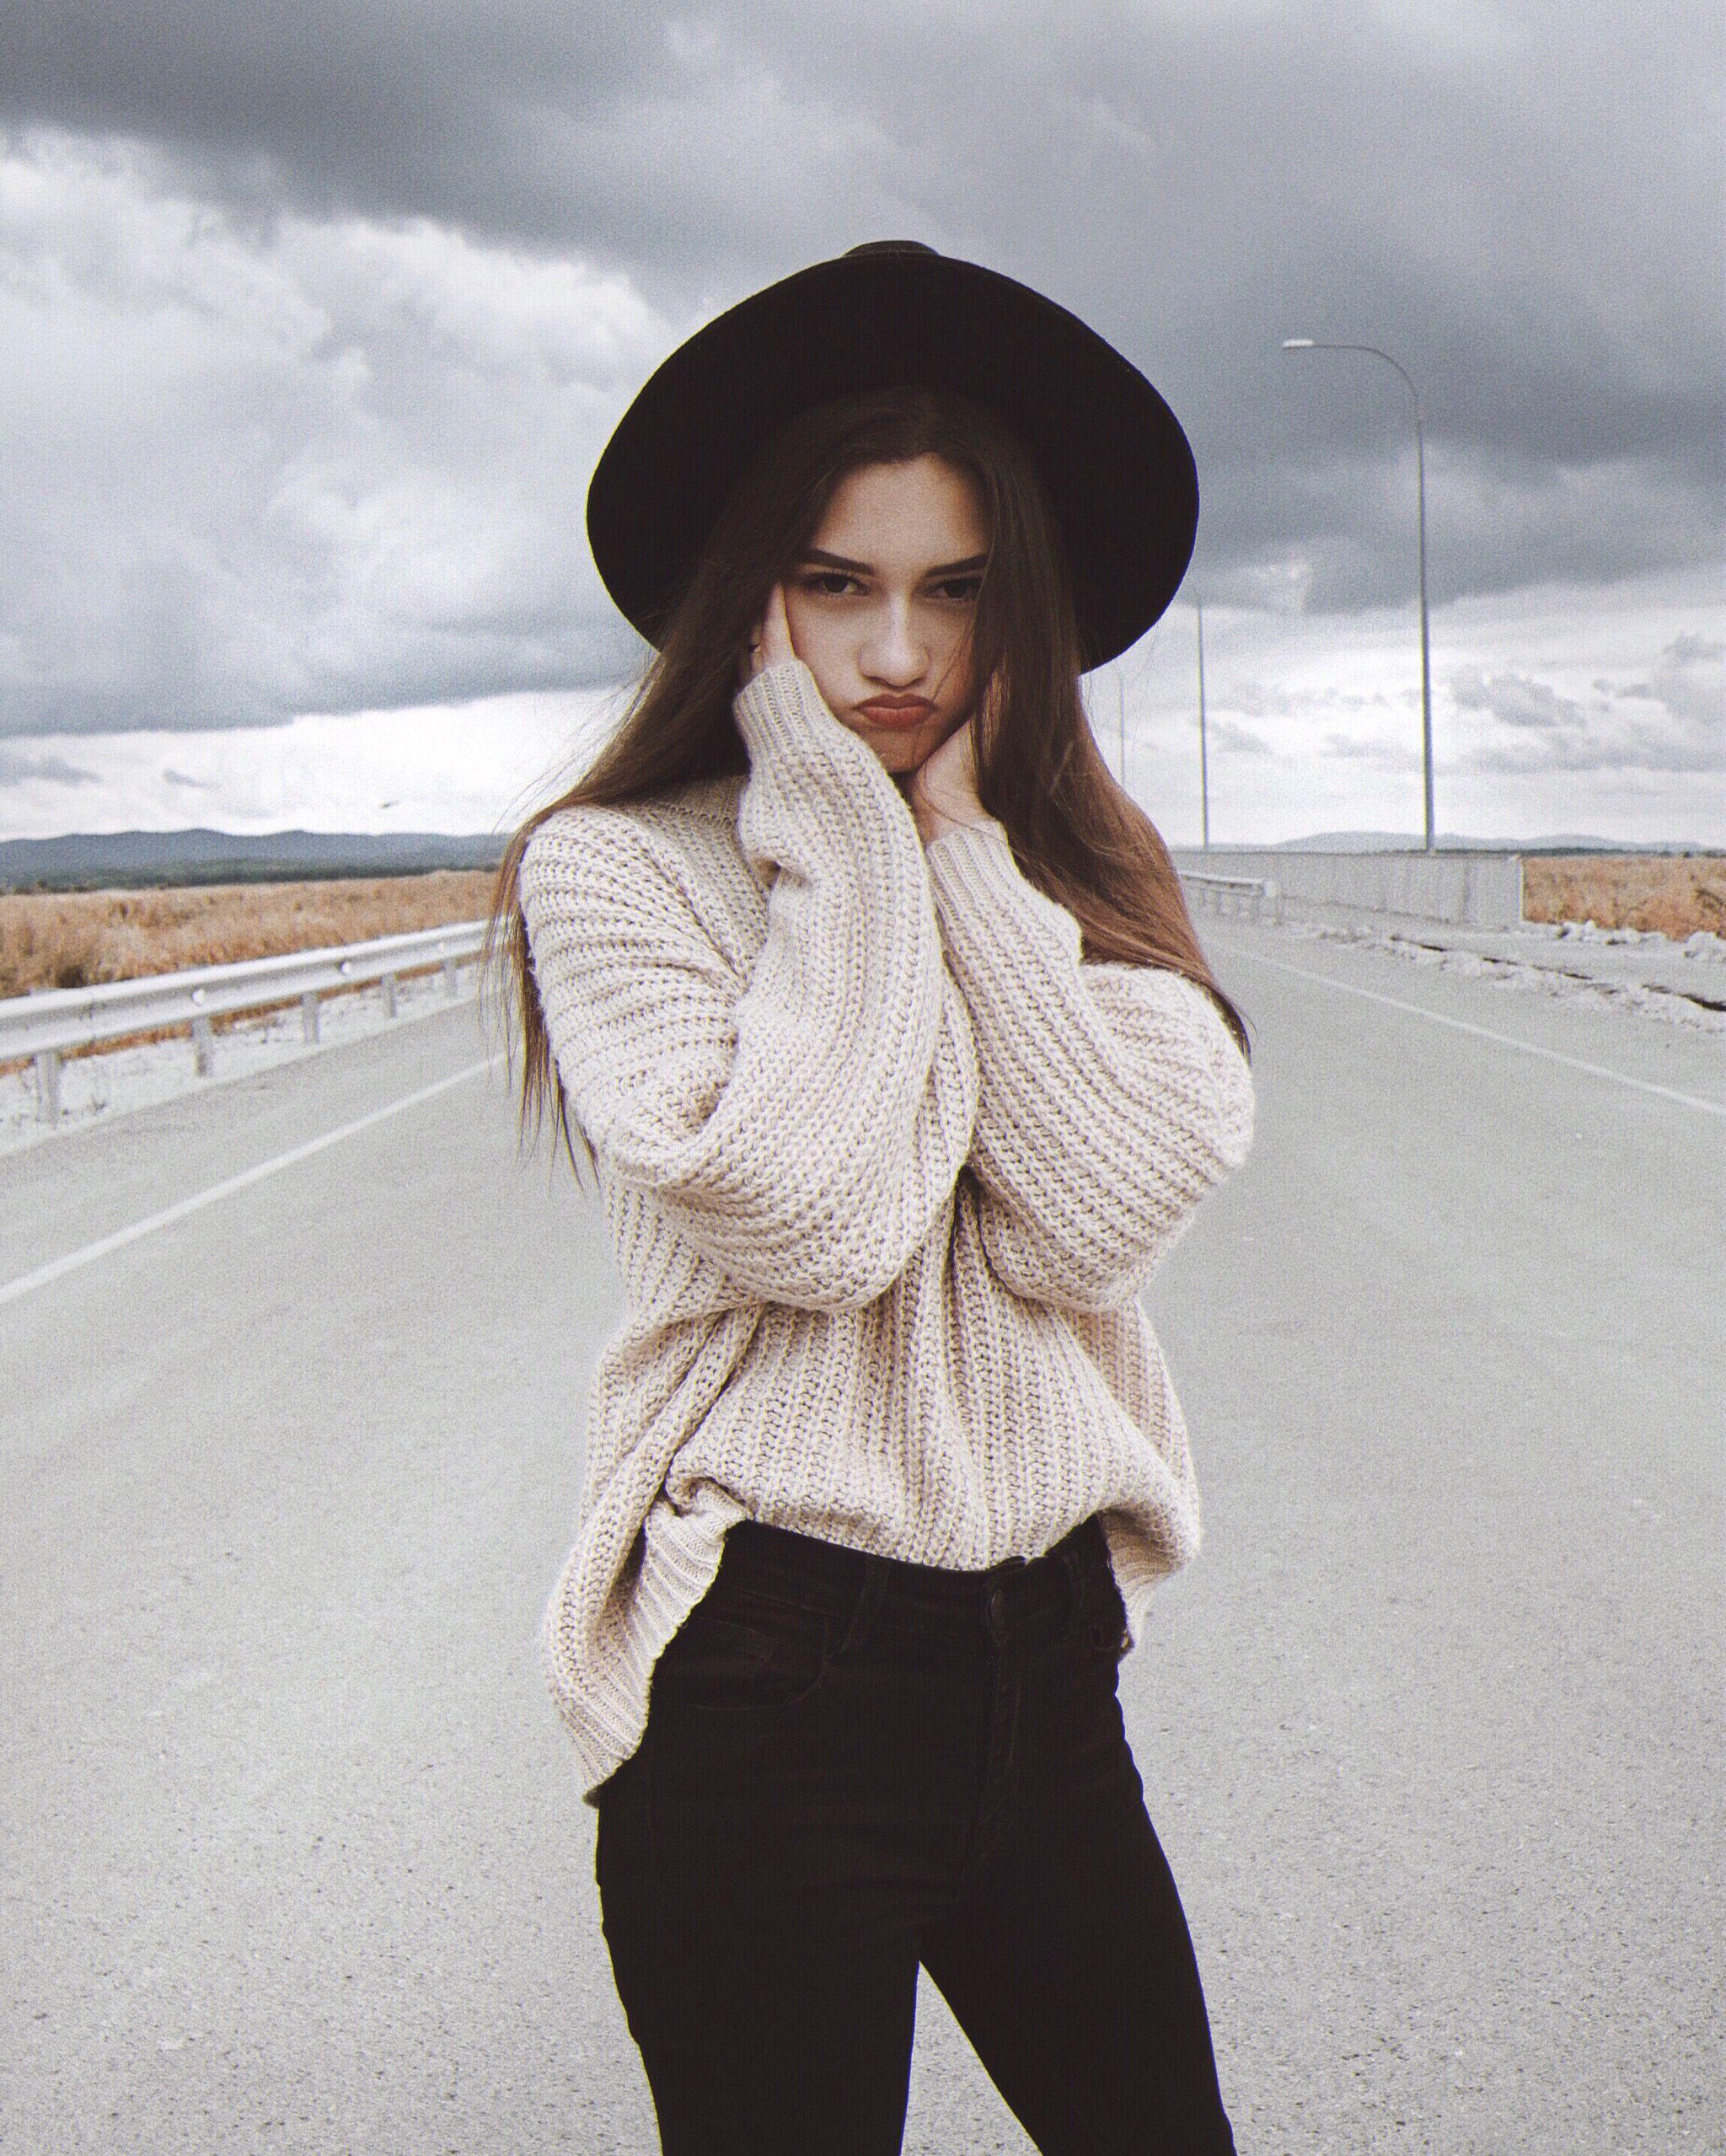 идеи для фото, фото в городе, фото на дороге, фото в шляпе ...